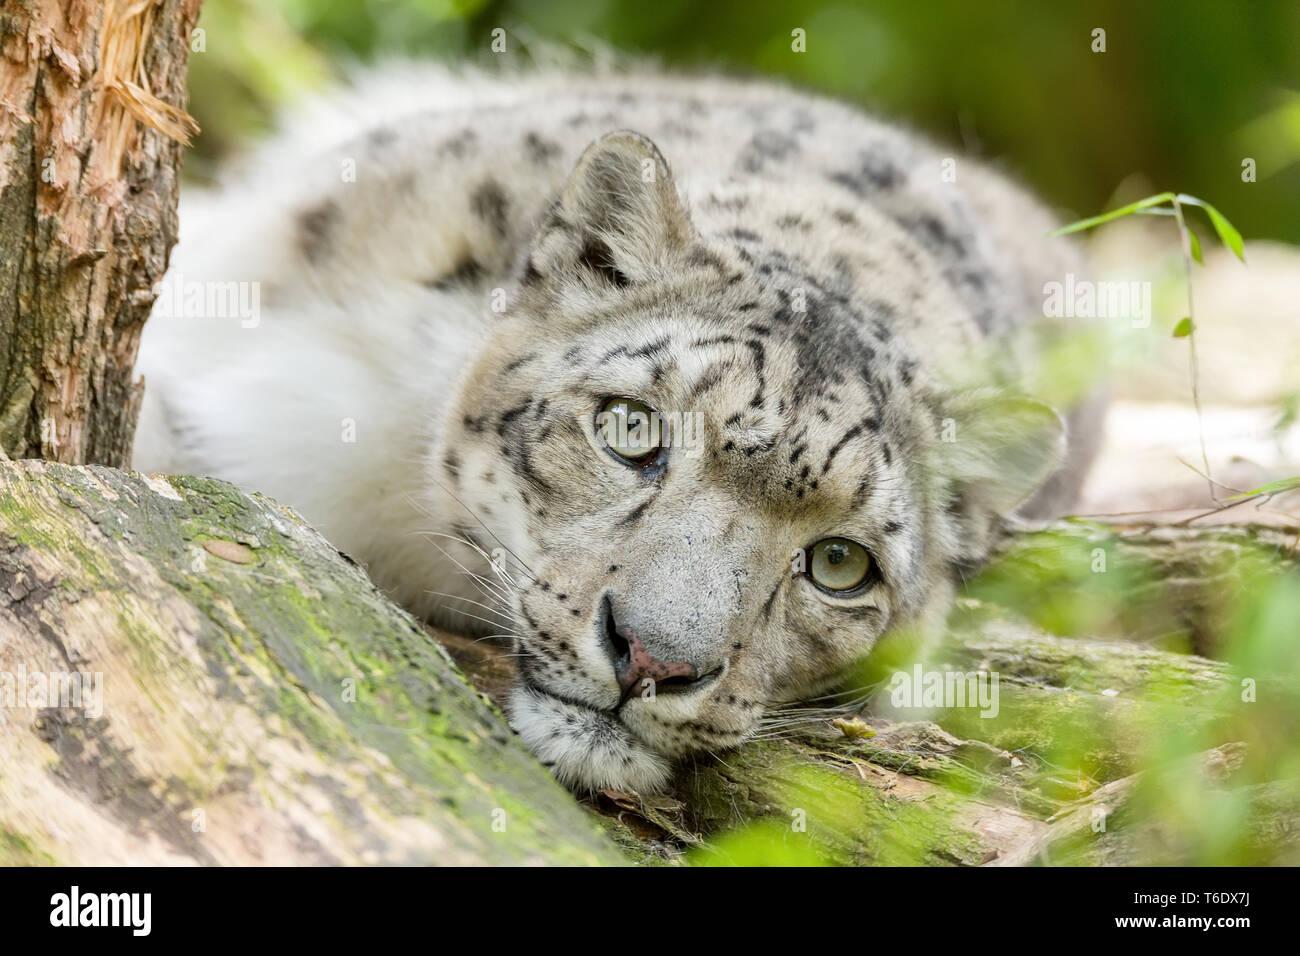 Cat snow leopard - Irbis, Uncia uncia Banque D'Images